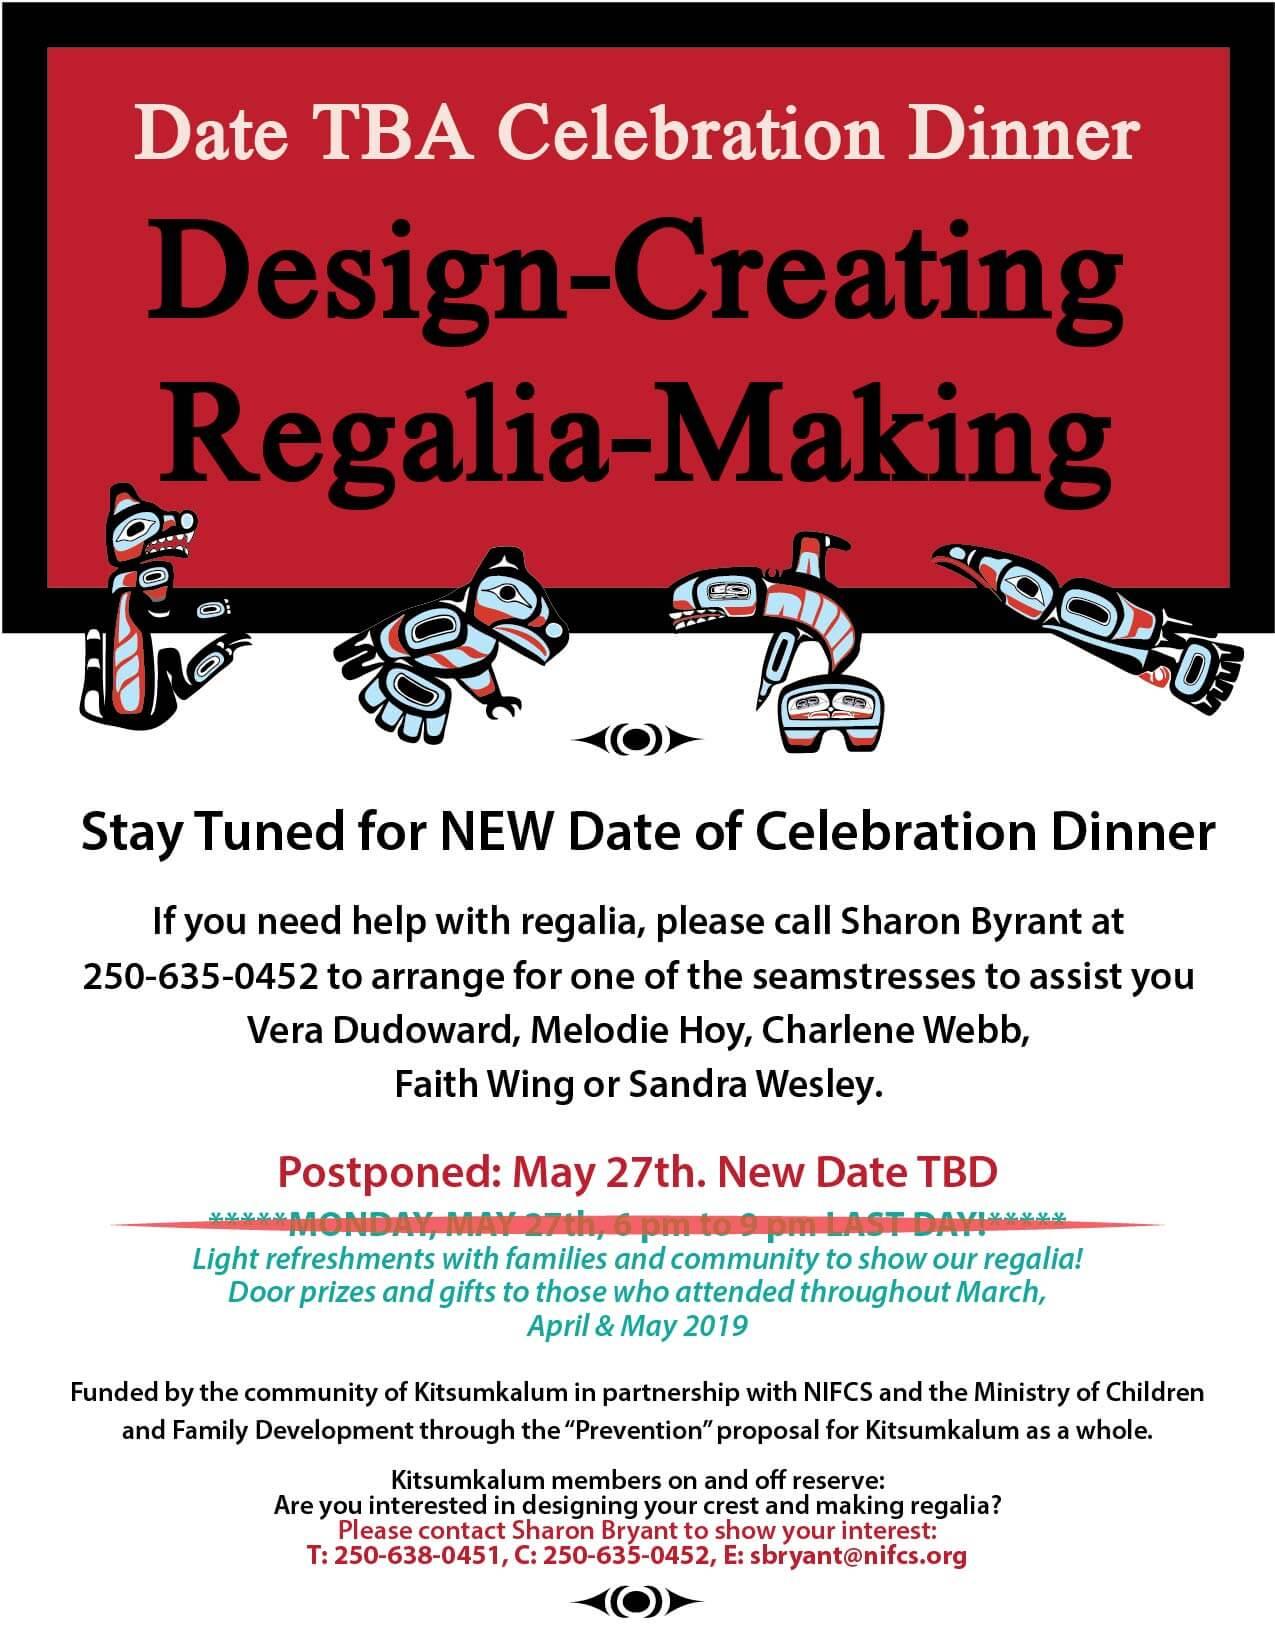 Celebration Dinner for Regalia Making DATE TBA